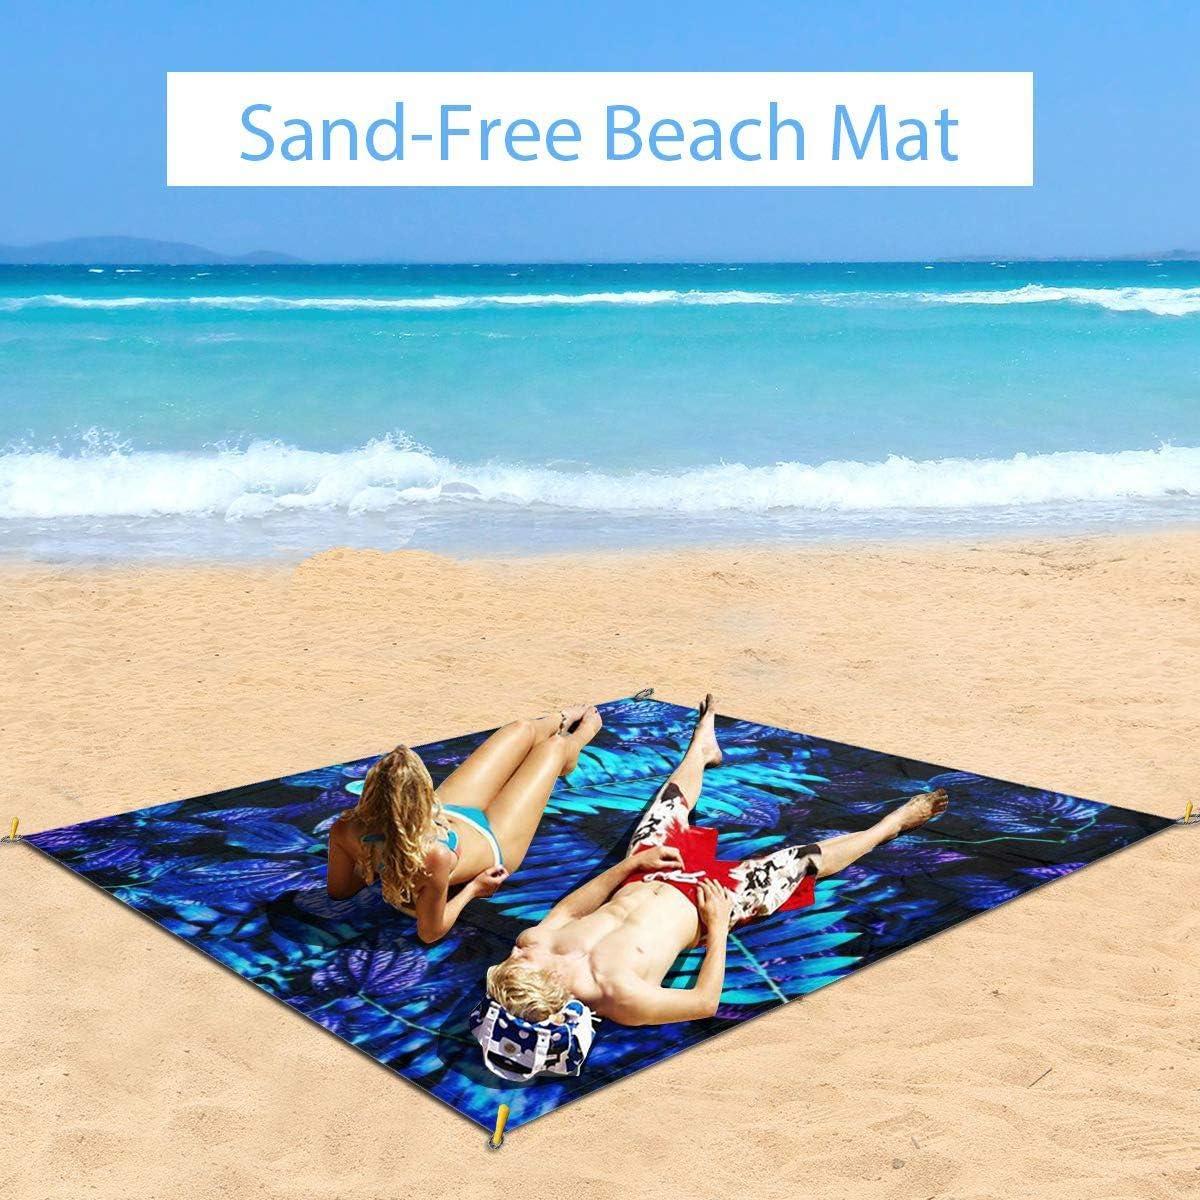 Txc9ds Blue Leaf - Tappetino da picnic all'aperto per parco, spiaggia, campeggio, portatile, impermeabile Foglia blu.